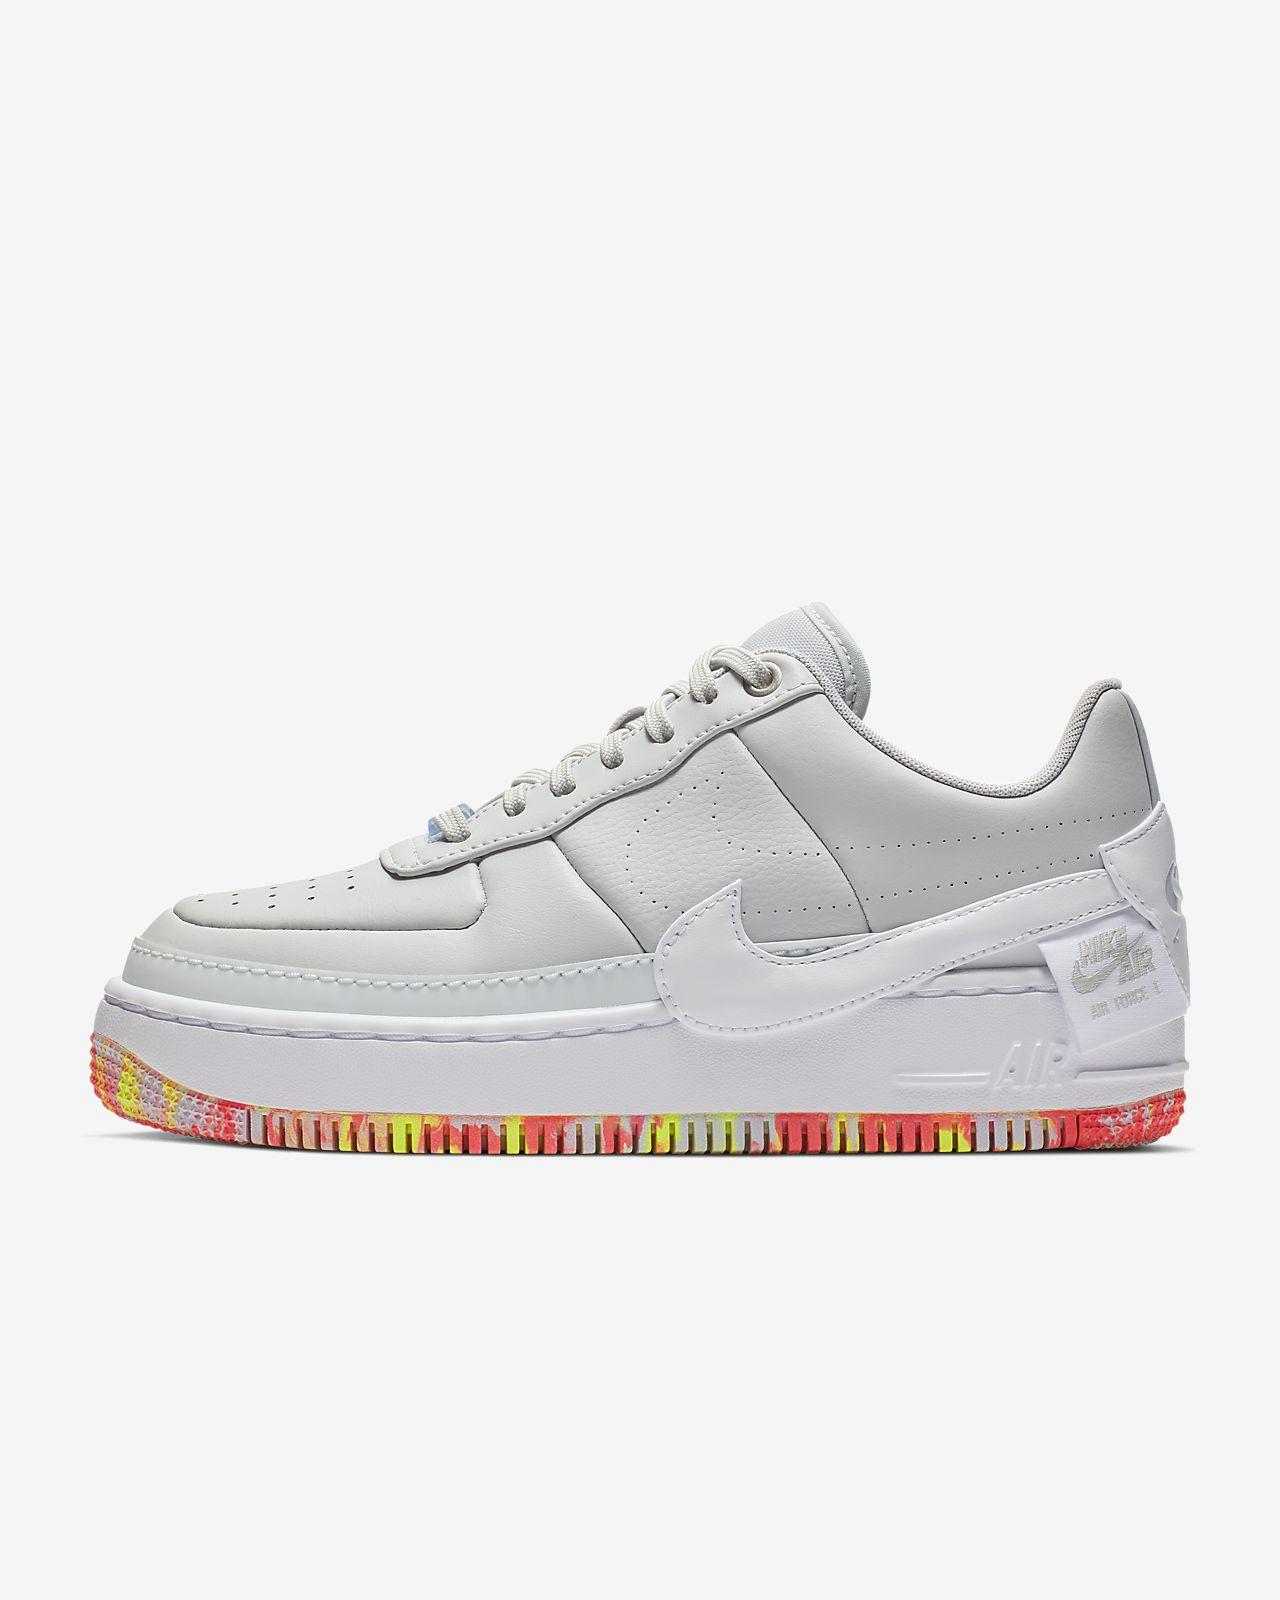 รองเท้าผู้หญิง Nike Air Force 1 Jester XX Print